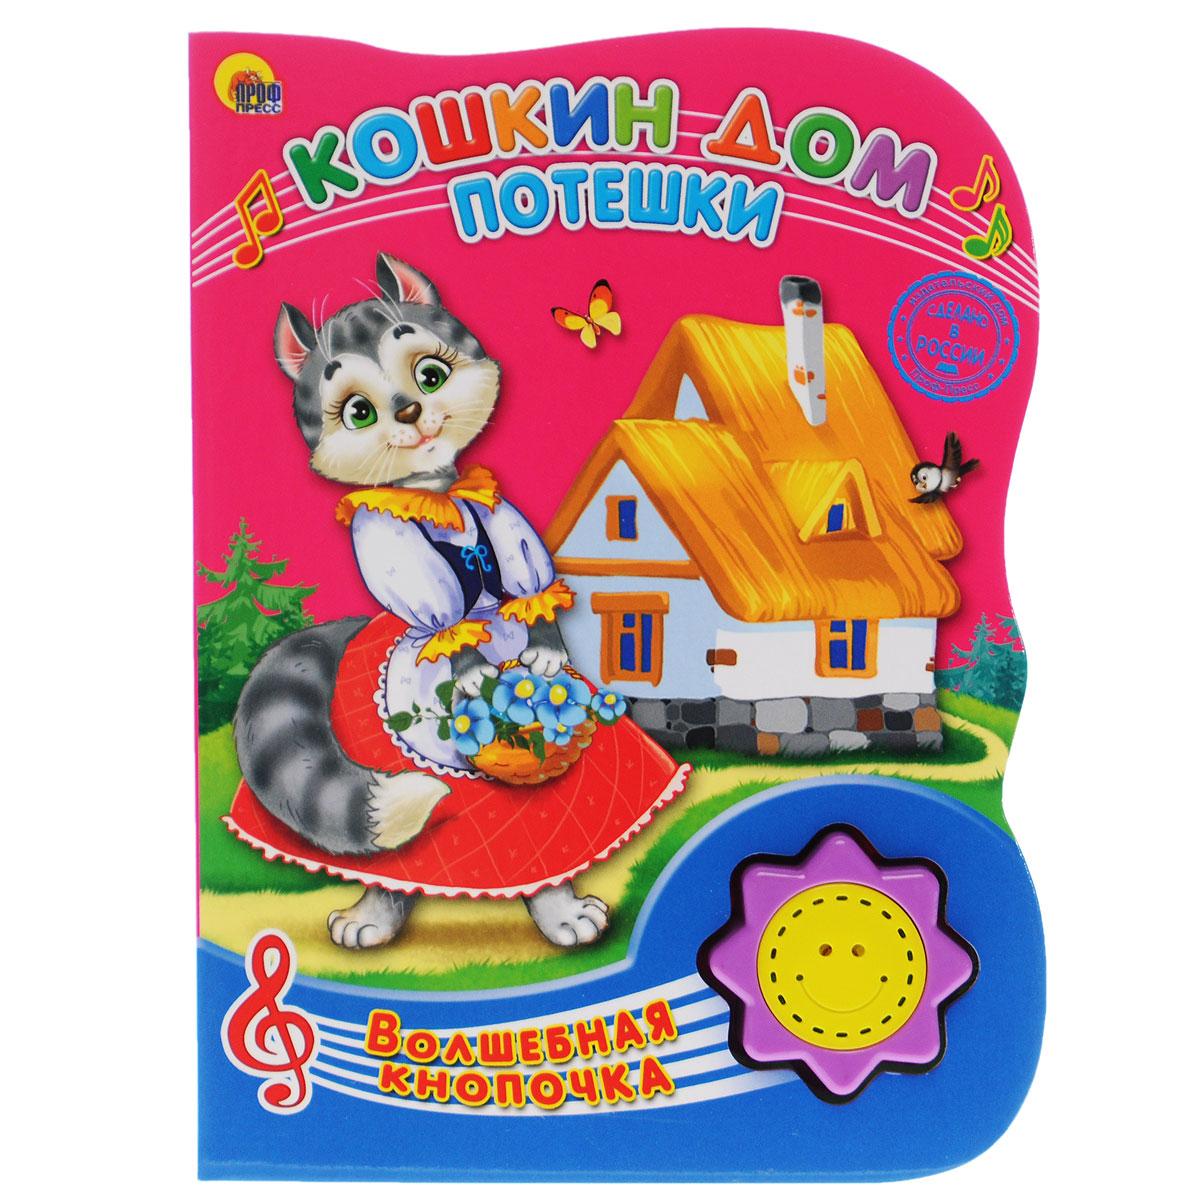 Кошкин дом. Книжка-игрушка книжки картонки росмэн волшебная снежинка новогодняя книга